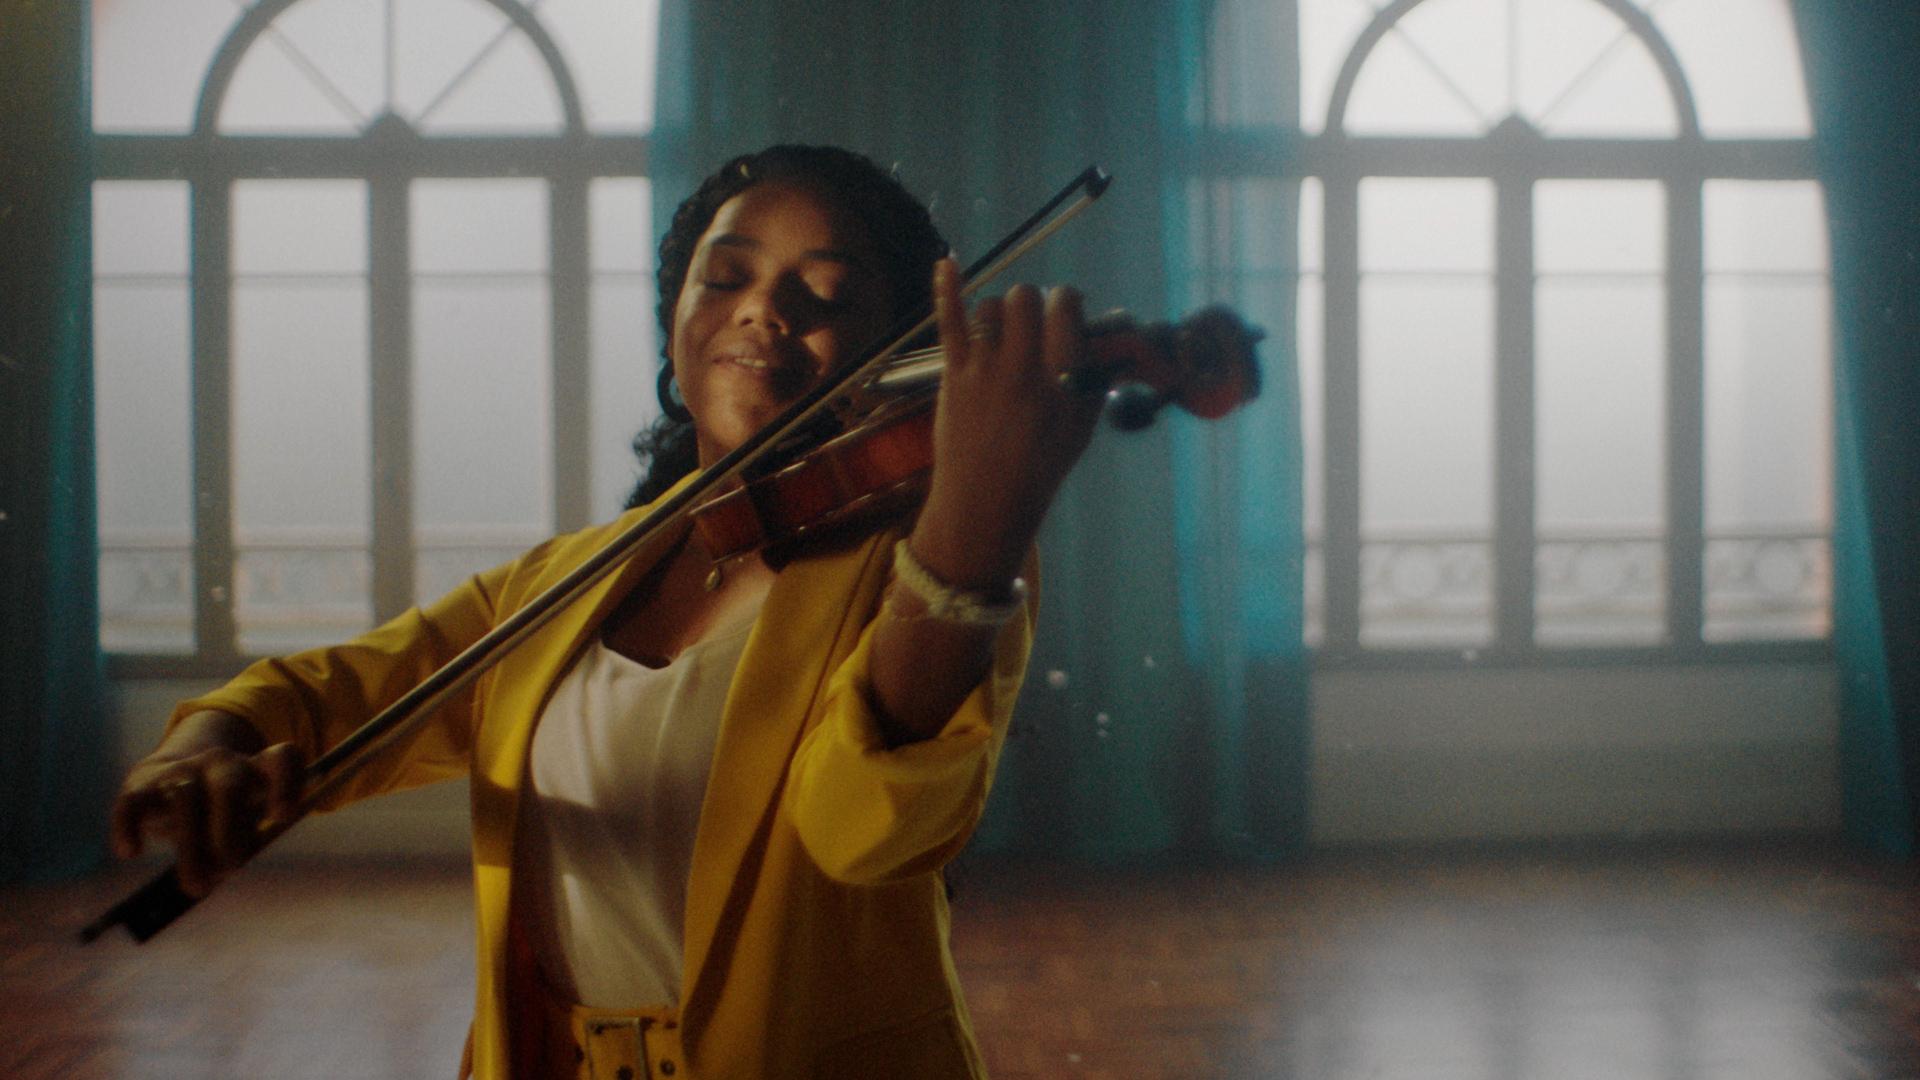 Na imagem, uma mulher vestida de blusa amarela toca violino com leve sorriso no rosto.